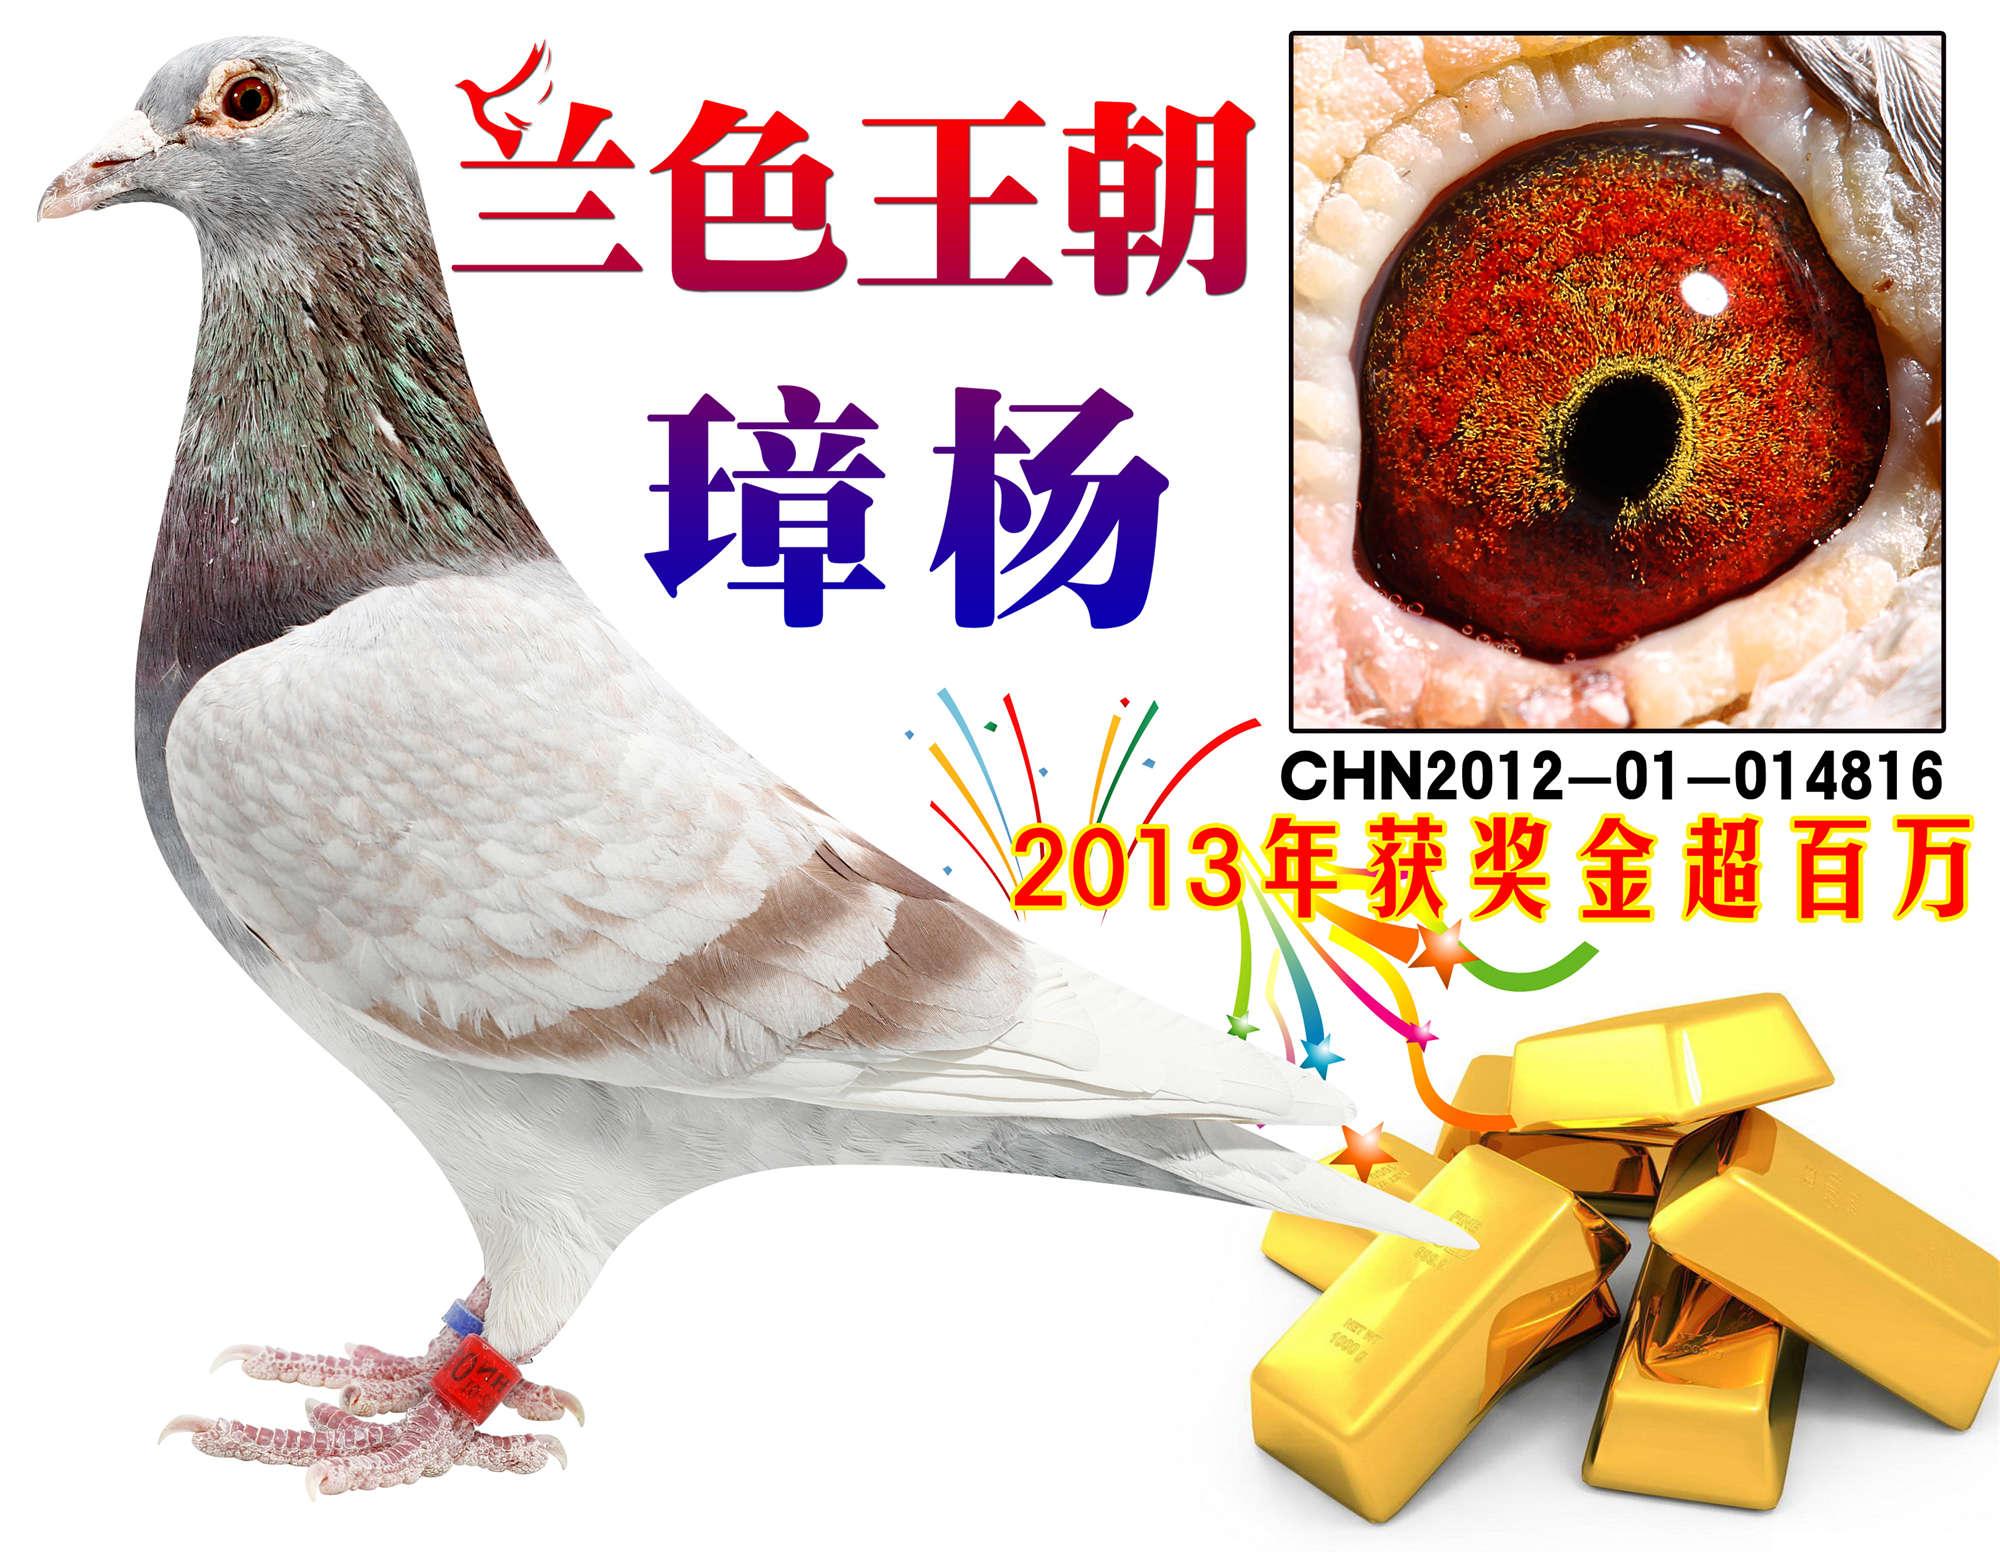 哥哥谢囹�a_兰色王朝璋杨816 保证金级 拍卖